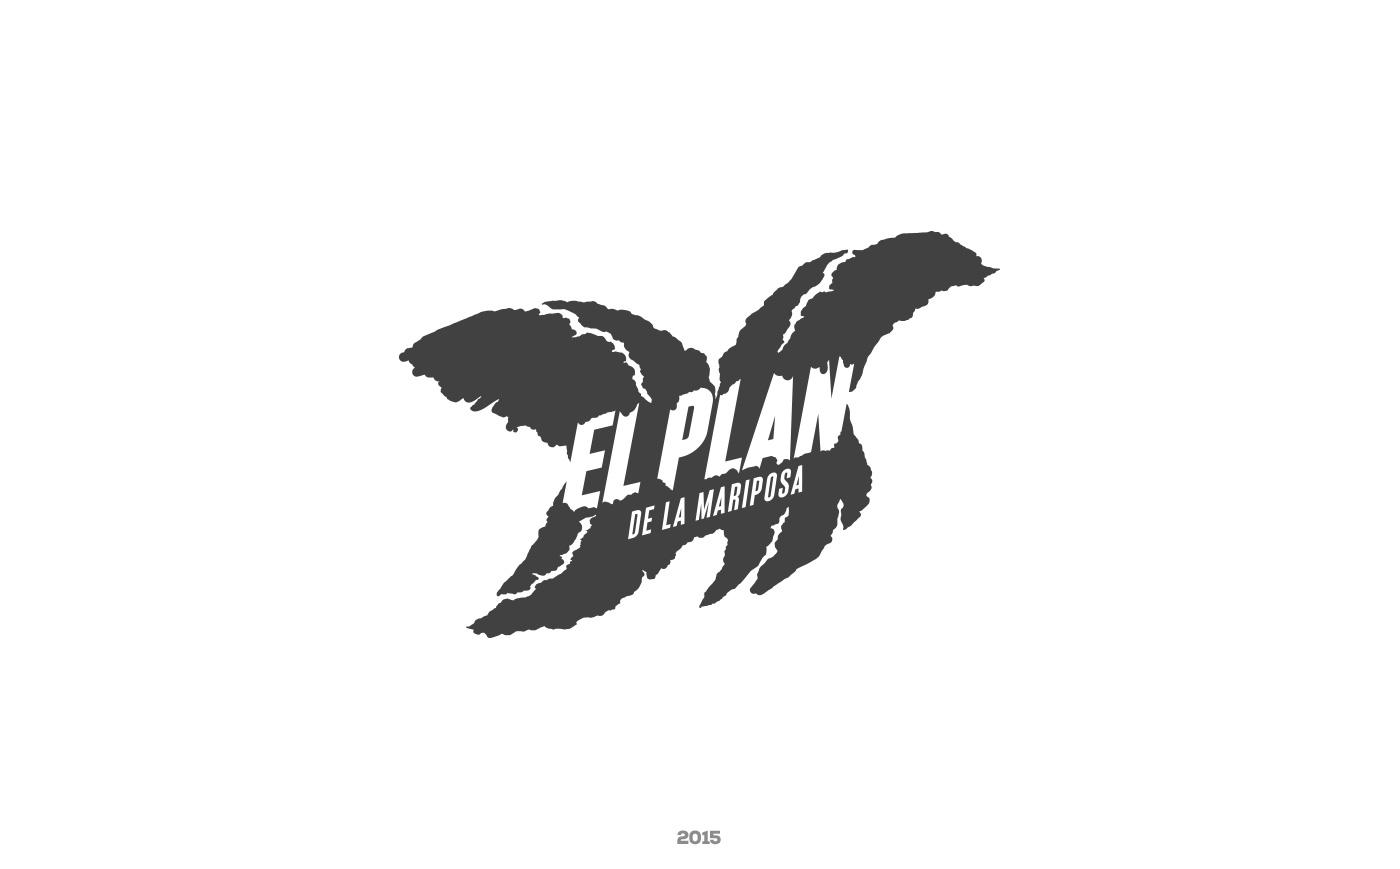 IDENTIDAD-EL-PLAN-DE-LA-MARIPOSA-2015-01